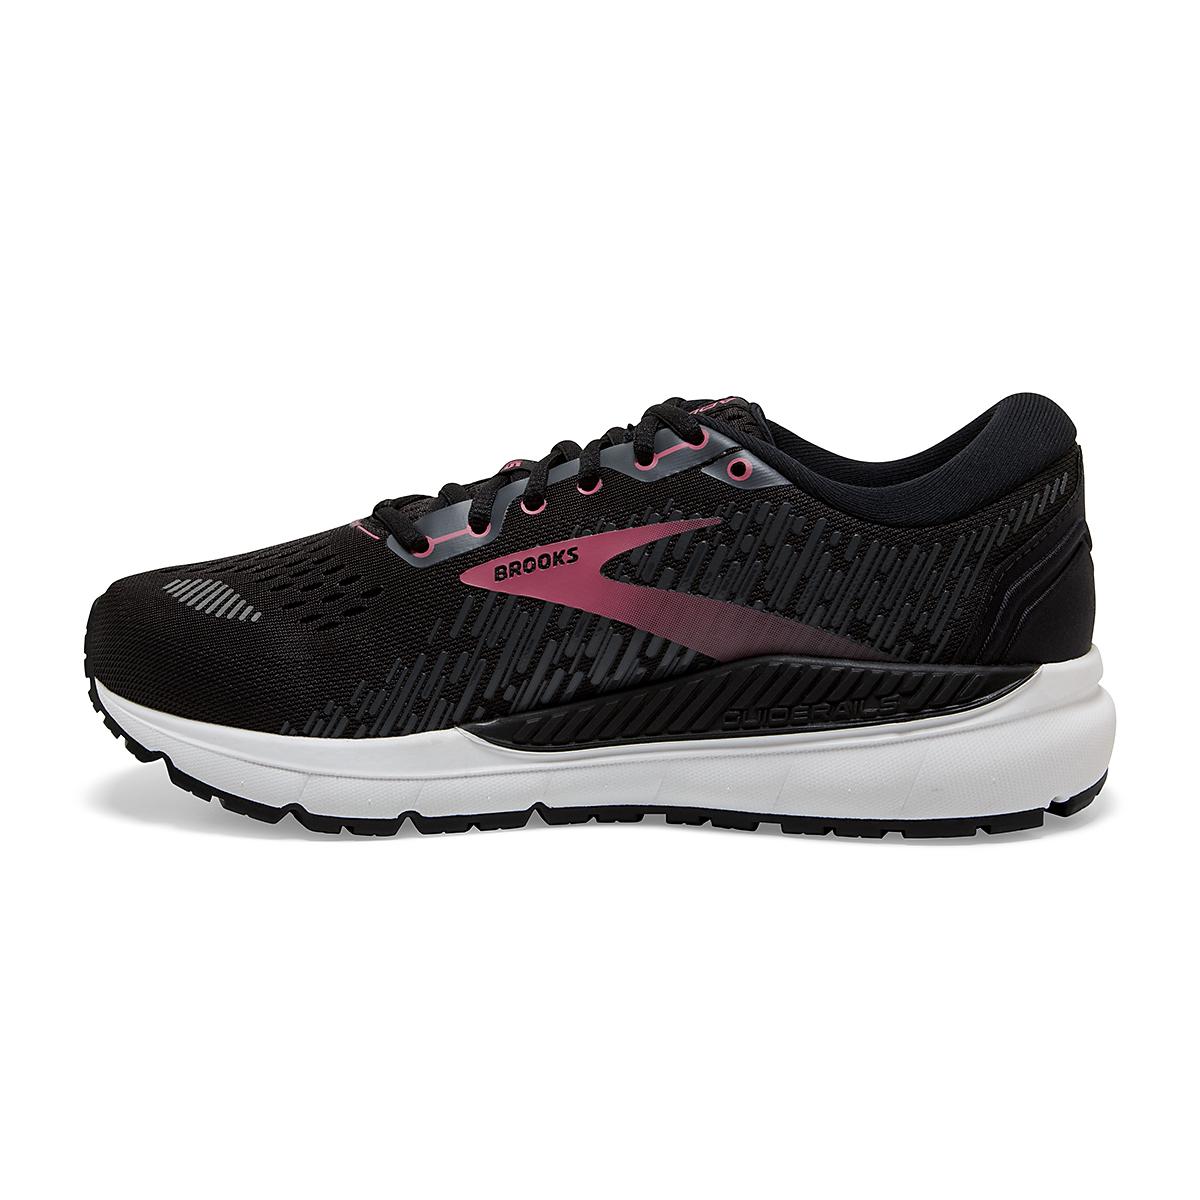 Women's Brooks Addiction GTS 15 Running Shoe - Color: Black/Ebony/Mauvewood - Size: 5 - Width: Regular, Black/Ebony/Mauvewood, large, image 2